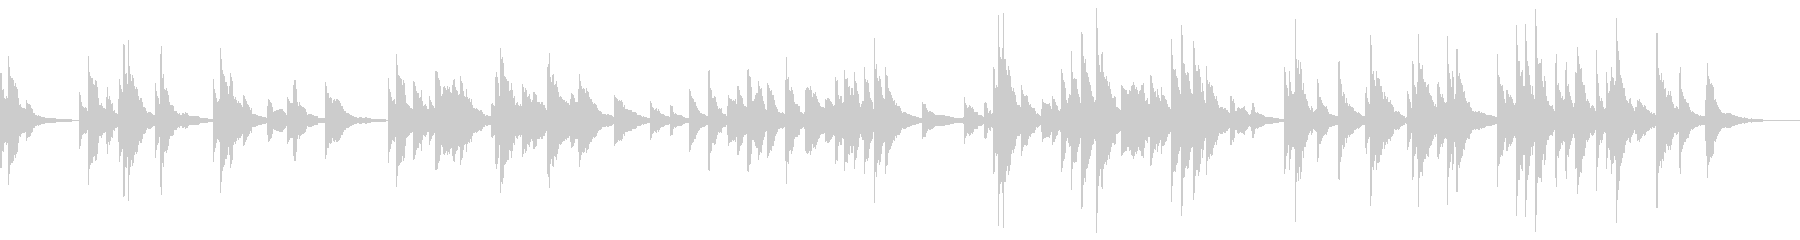 スパースインストゥルメンテーション...の未再生の波形